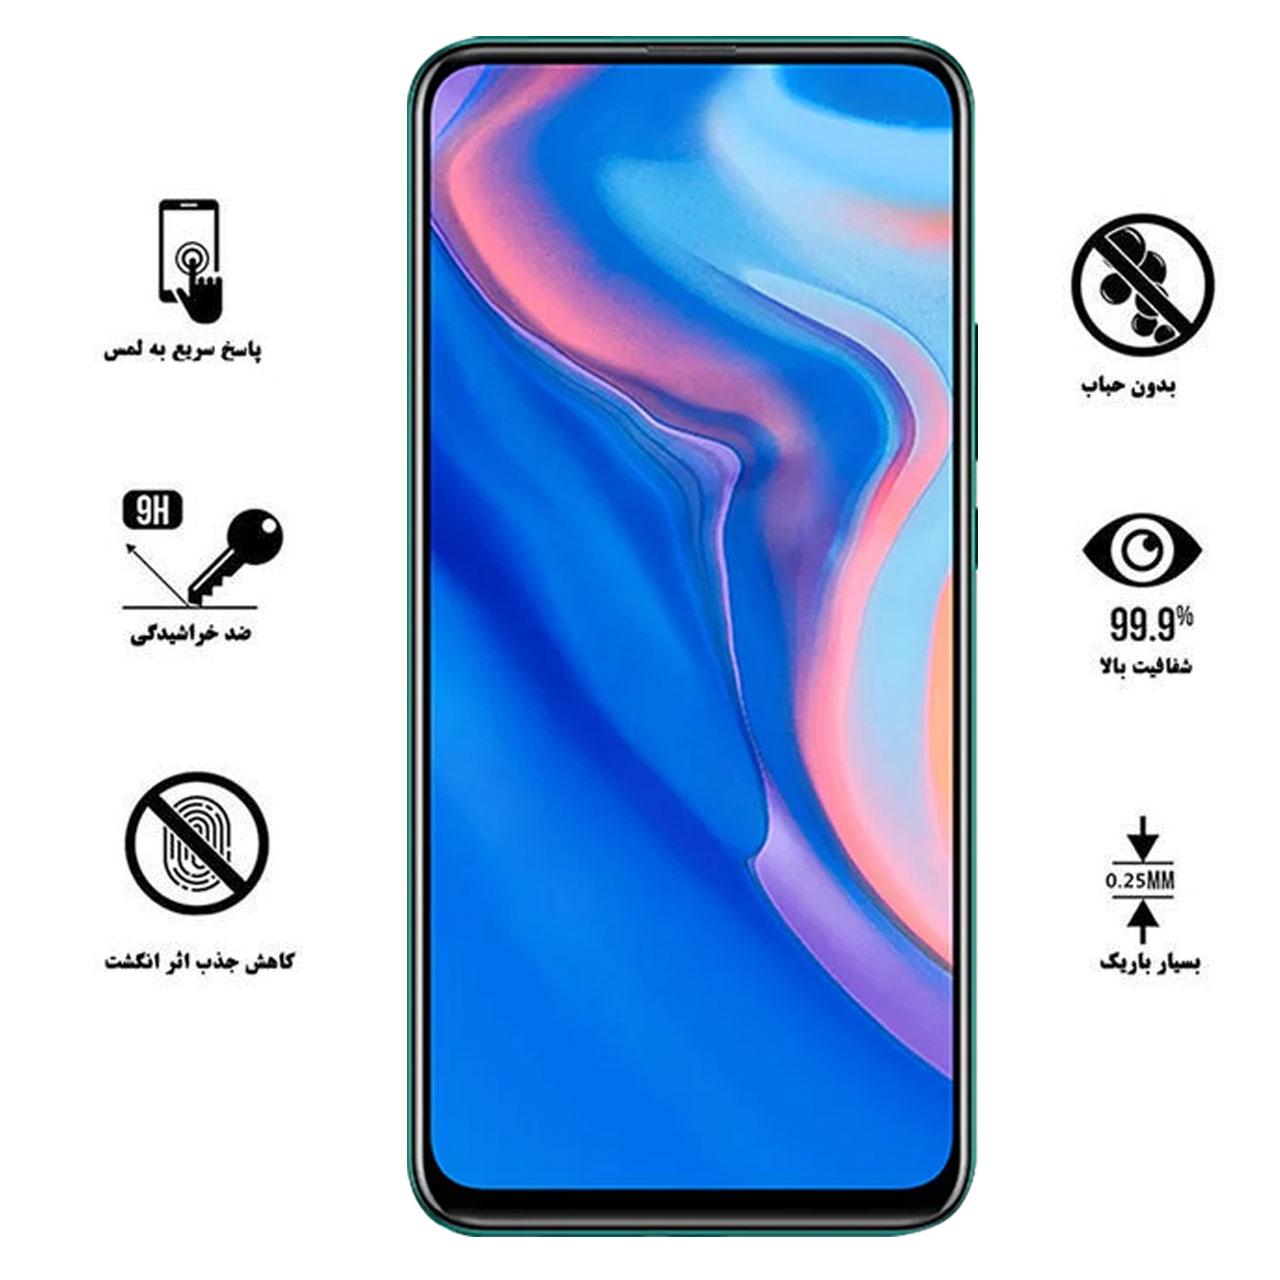 محافظ صفحه نمایش تراستکتور مدل GSS مناسب برای گوشی موبایل هوآوی Y9 Prime 2019 بسته 5 عددی main 1 4